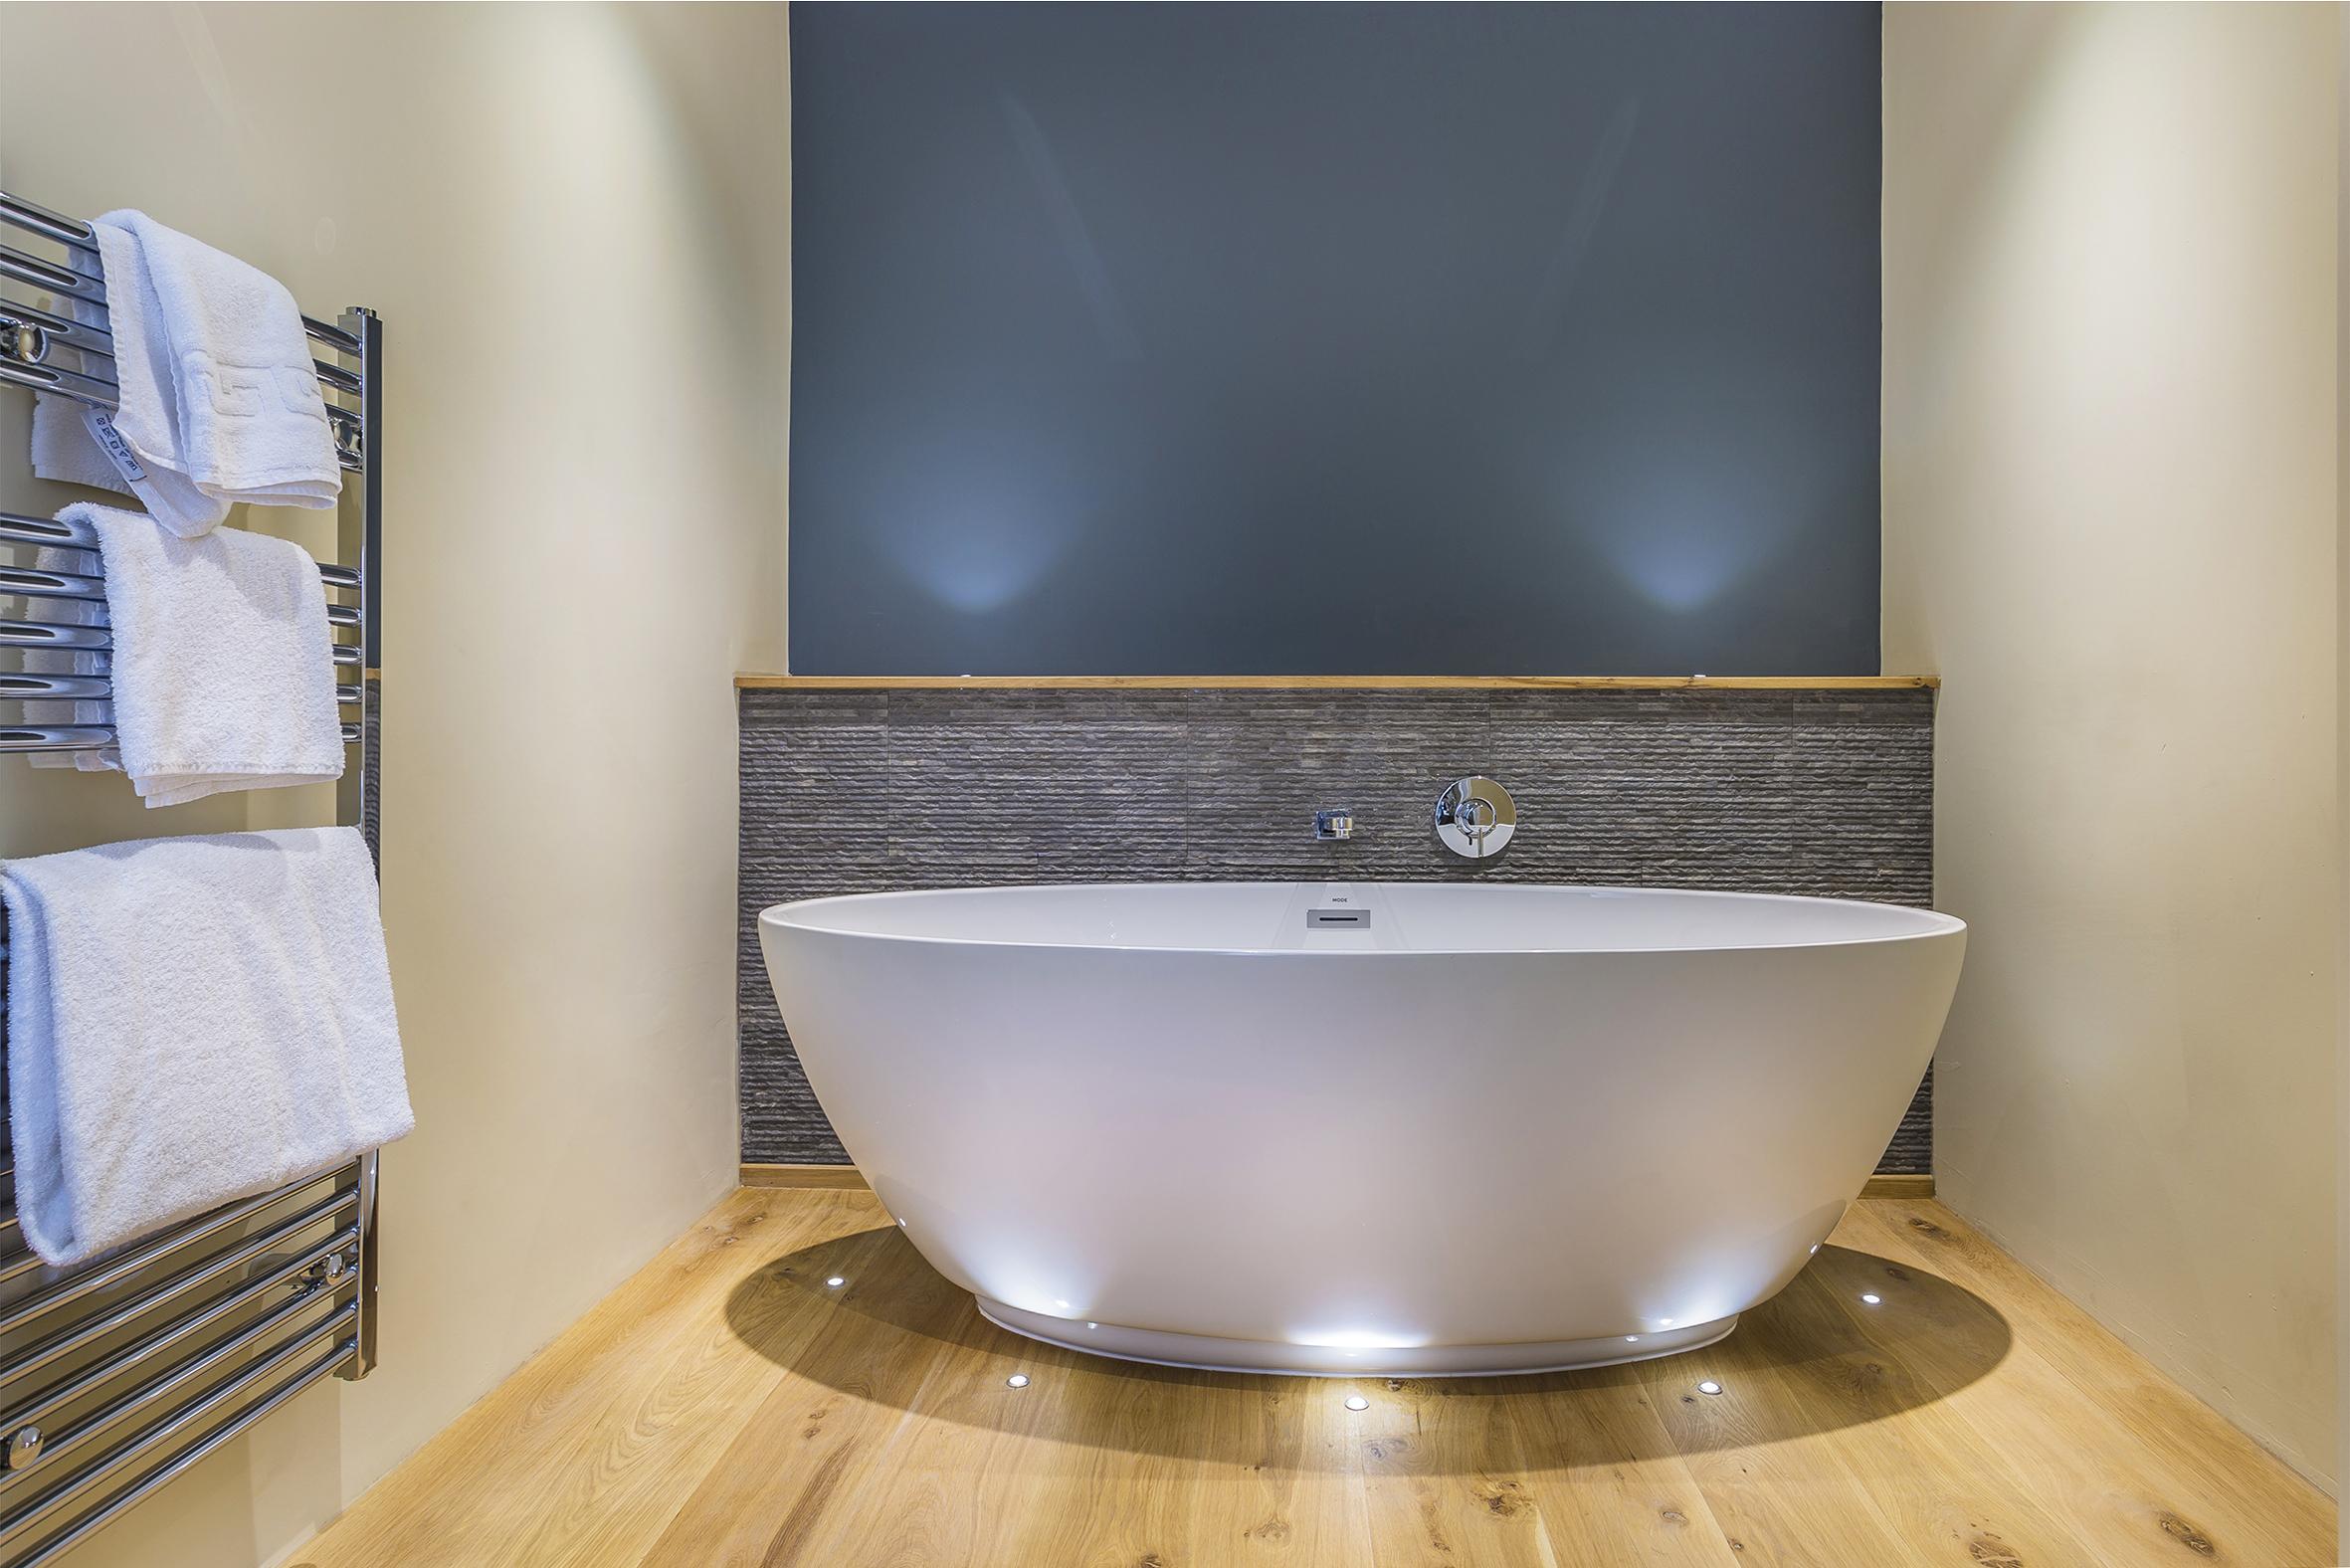 Golden Fleece Dick Turpin Bath in Room.jpg